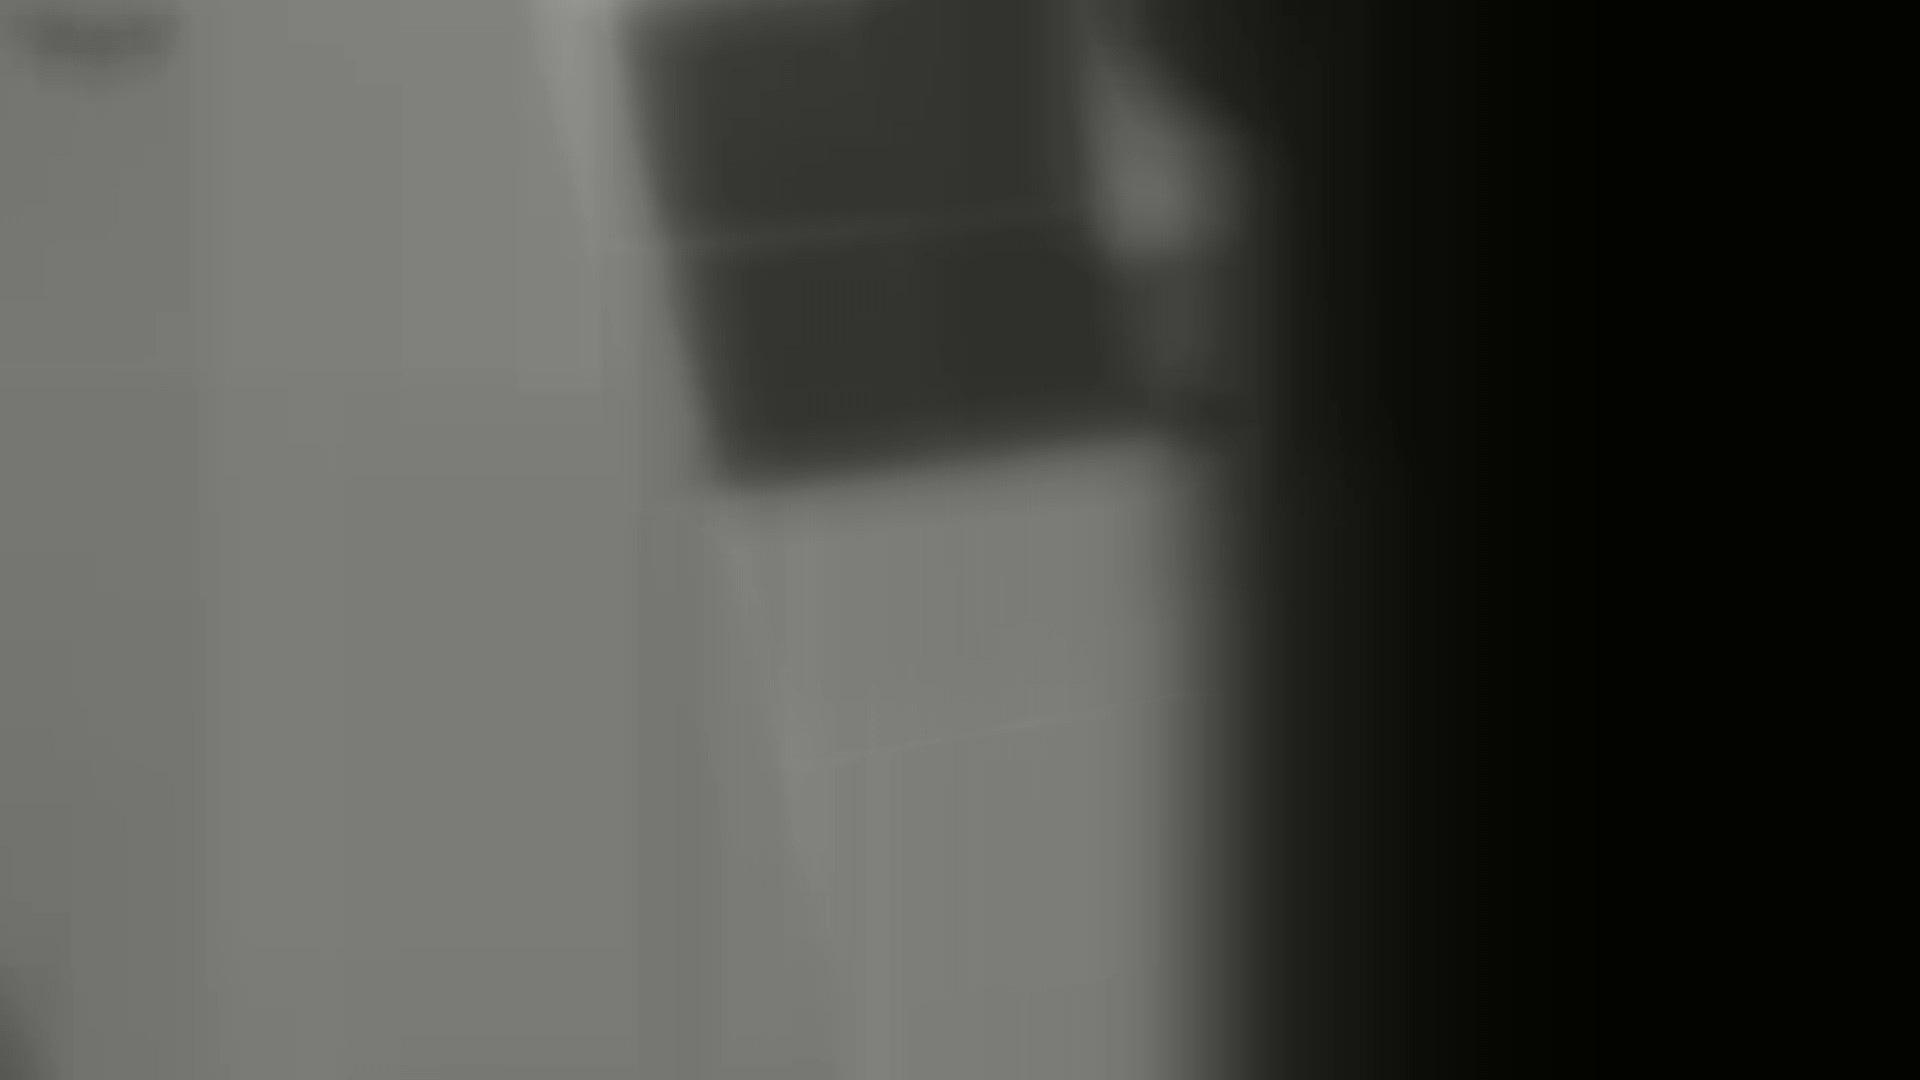 【期間・個数限定配信】 マンコ丸見え!第三体育館潜入撮File001 期間限定   マンコ特集  77連発 49